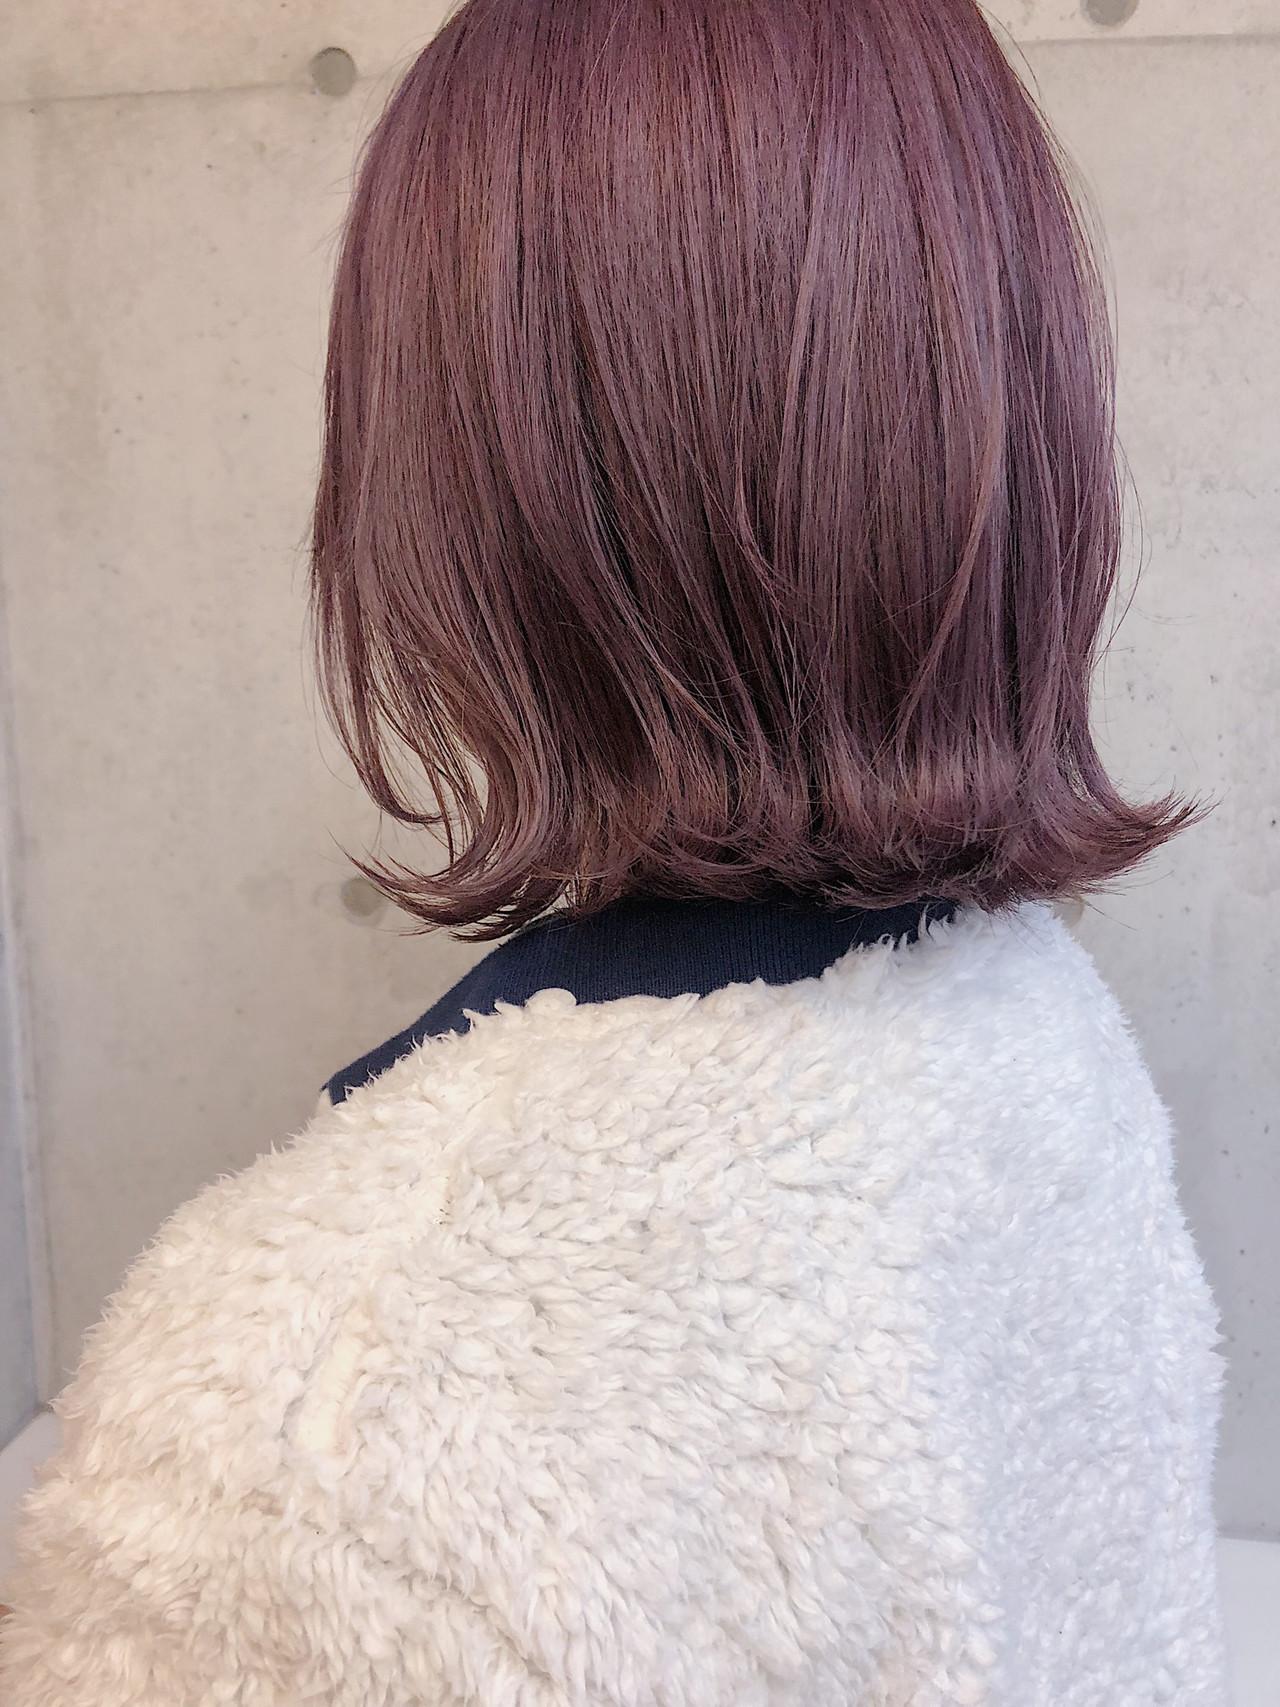 ボブ ピンクベージュ 外ハネボブ 切りっぱなしボブ ヘアスタイルや髪型の写真・画像 | ニシムラ カナ / La familia